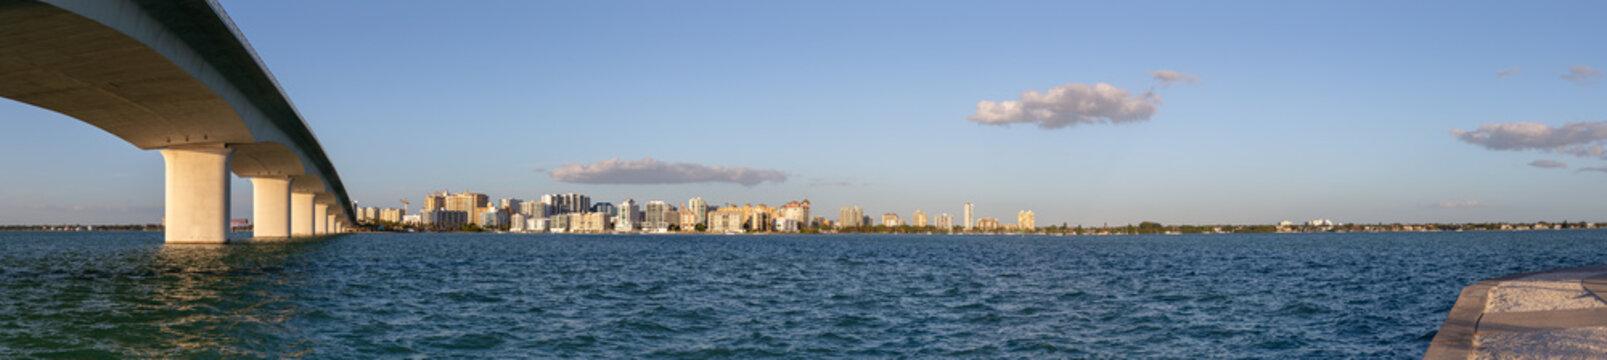 Sarasota Florida Panorama